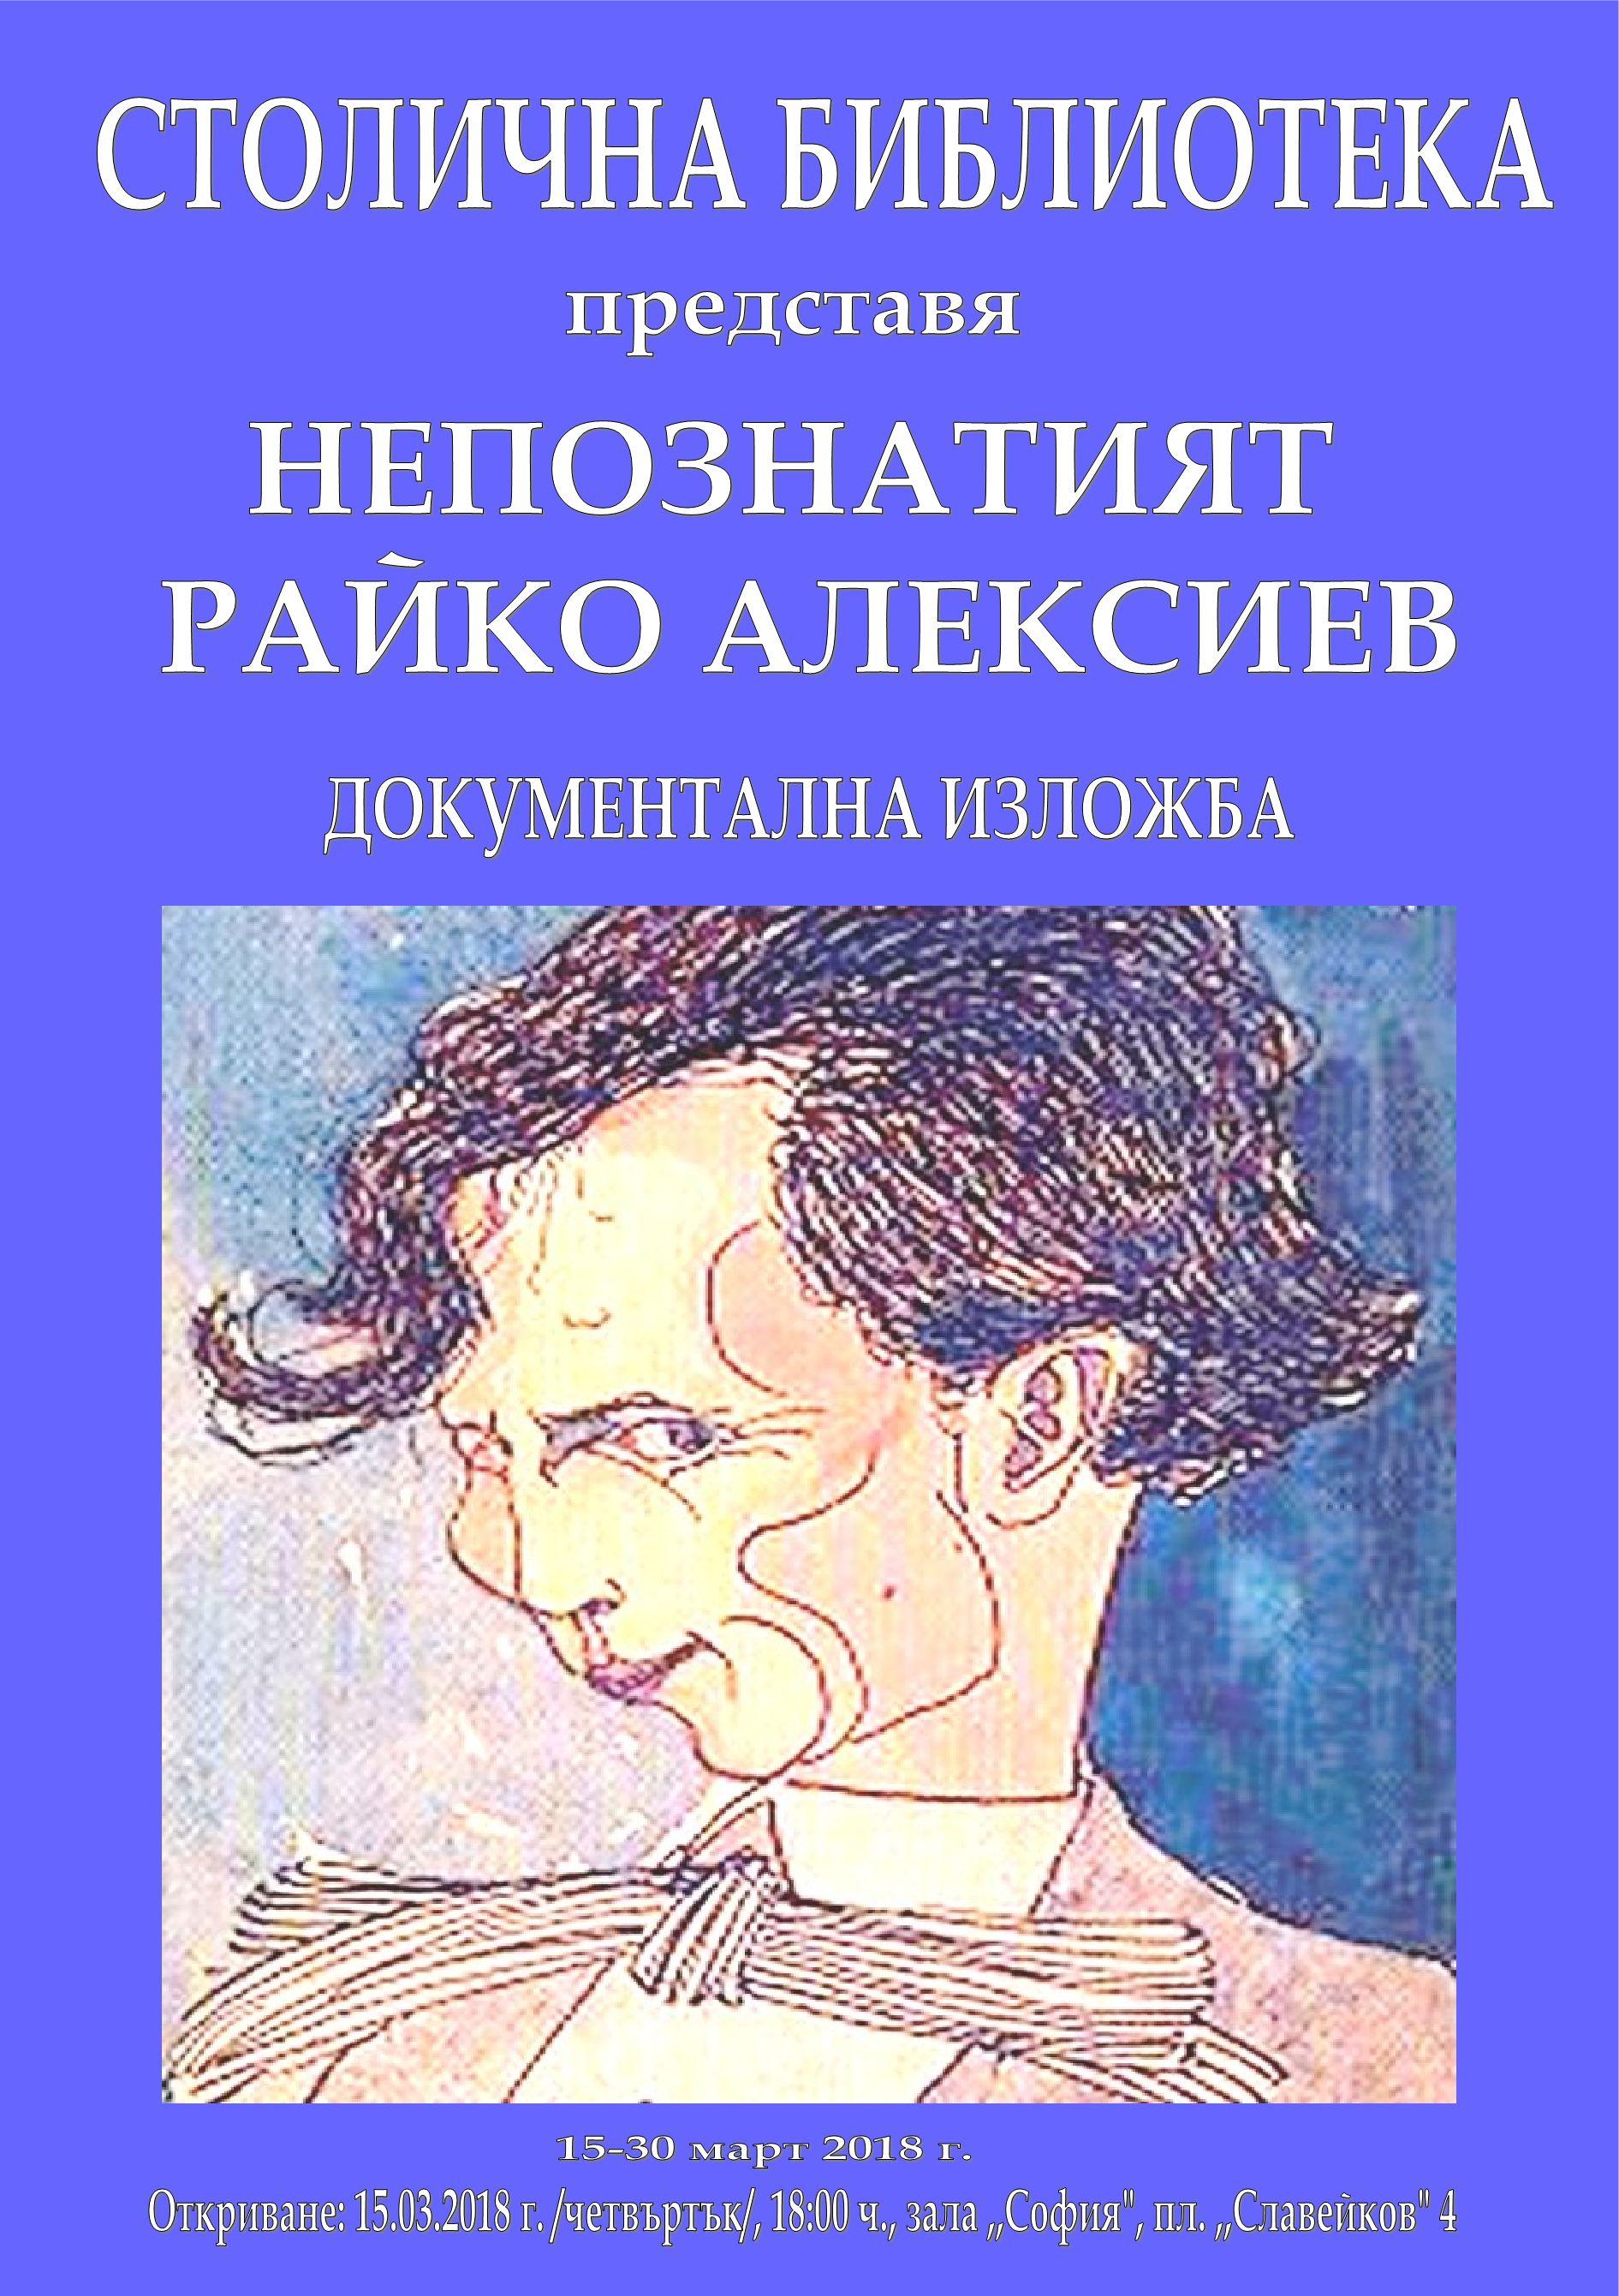 Алексиев плакат